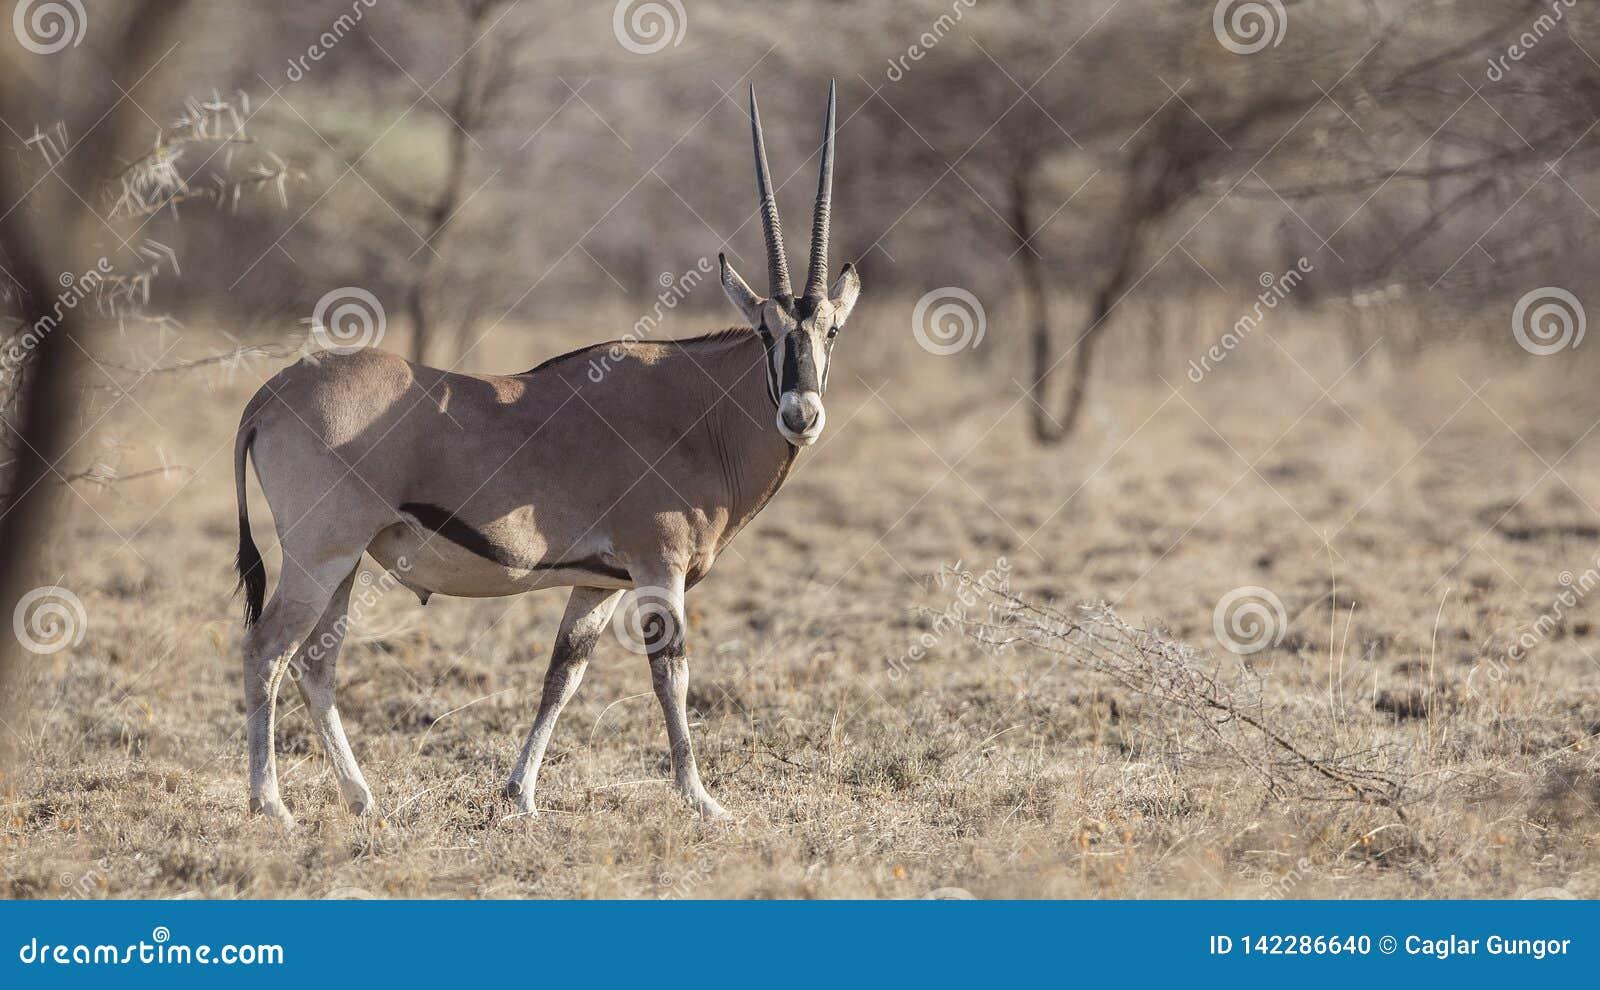 Afrikanischer Ostoryx in der Natur